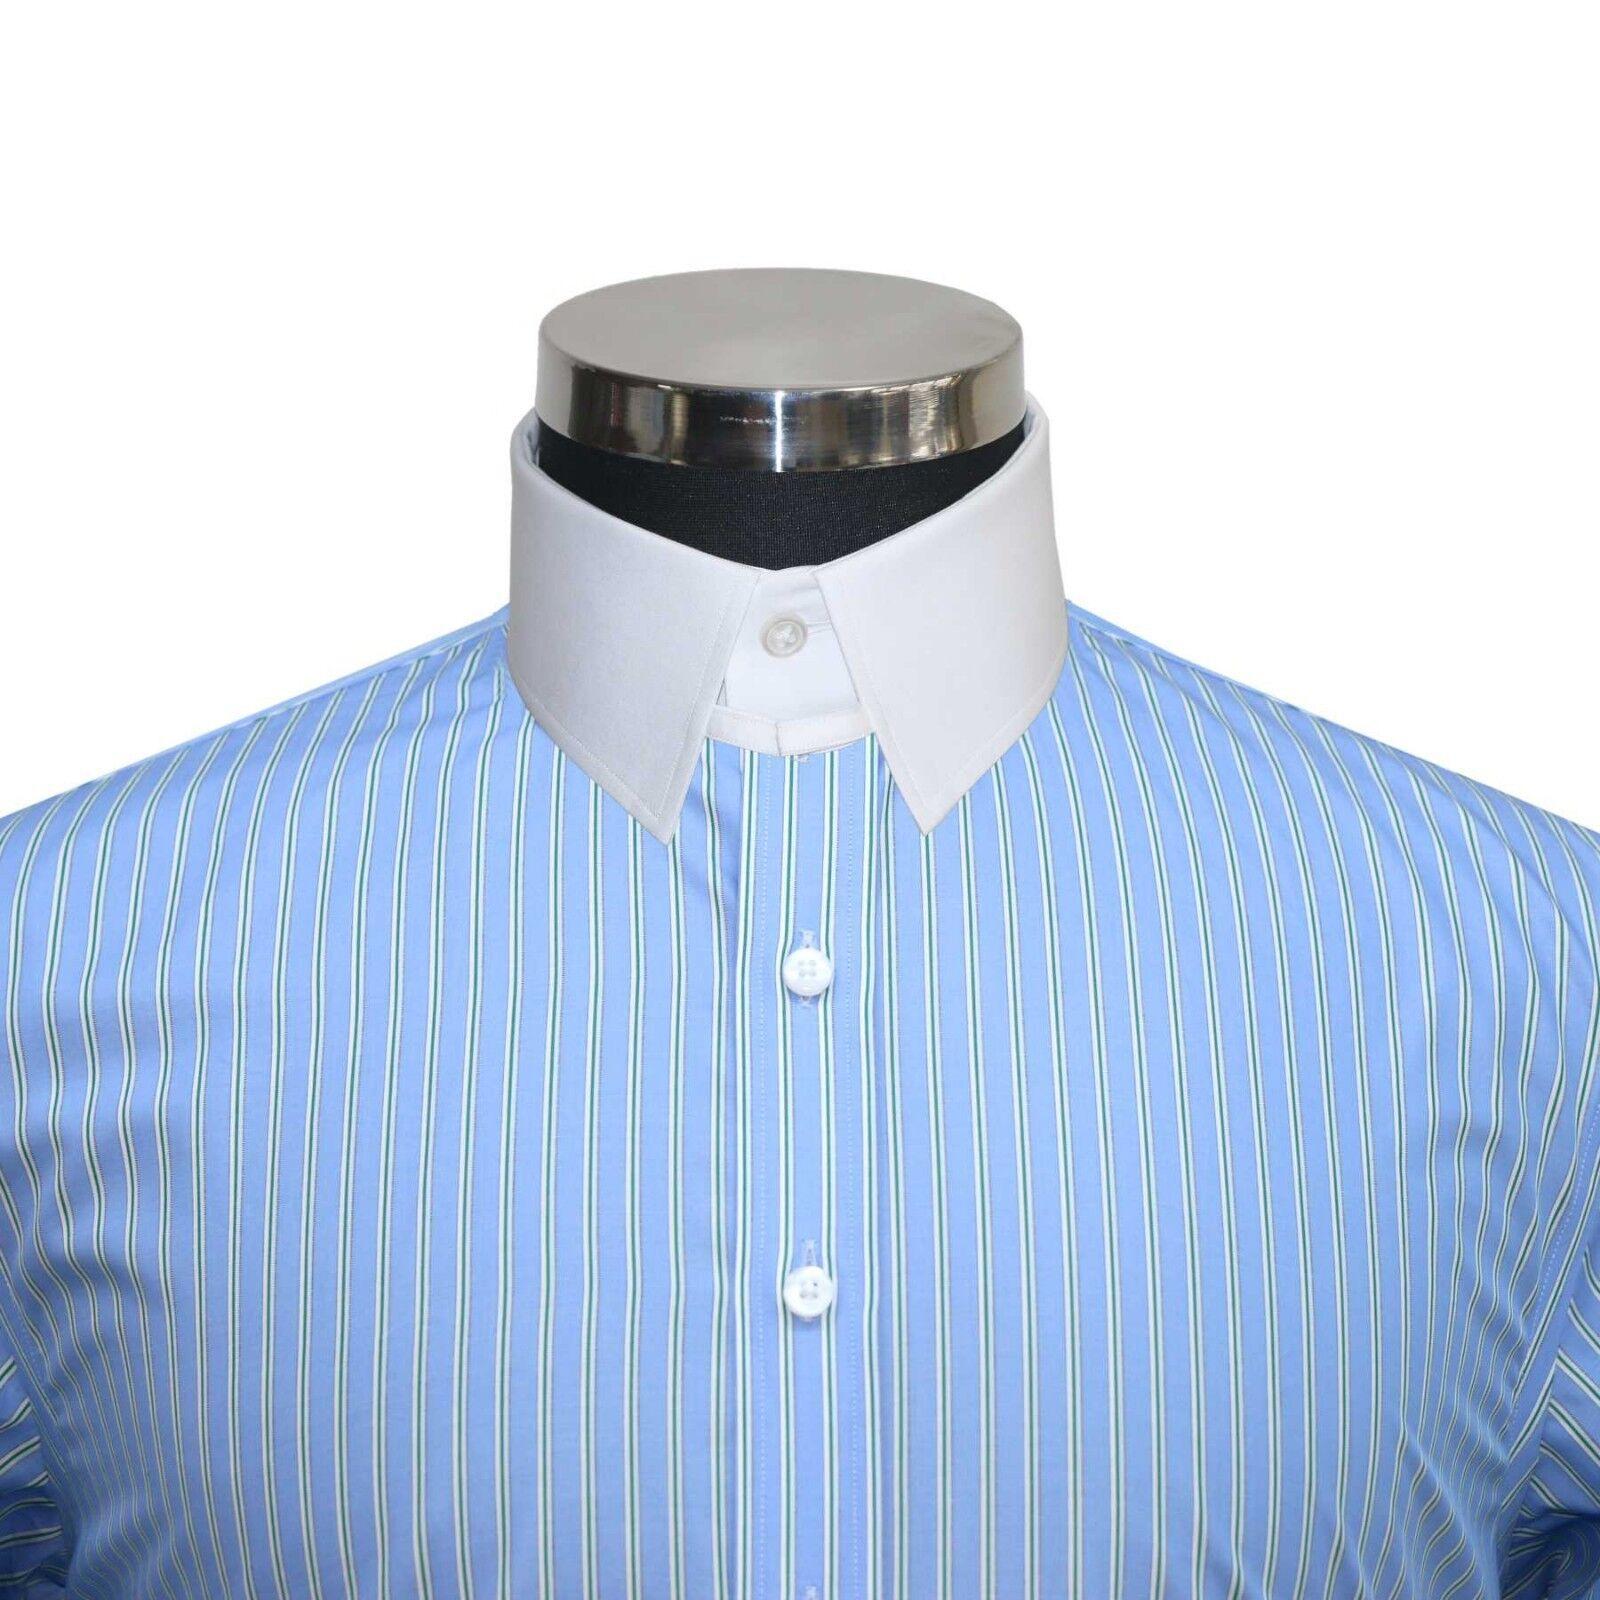 8a89650103 Mens shirt James Bond Lite bluee Green stripes Cotton Loop collar ...